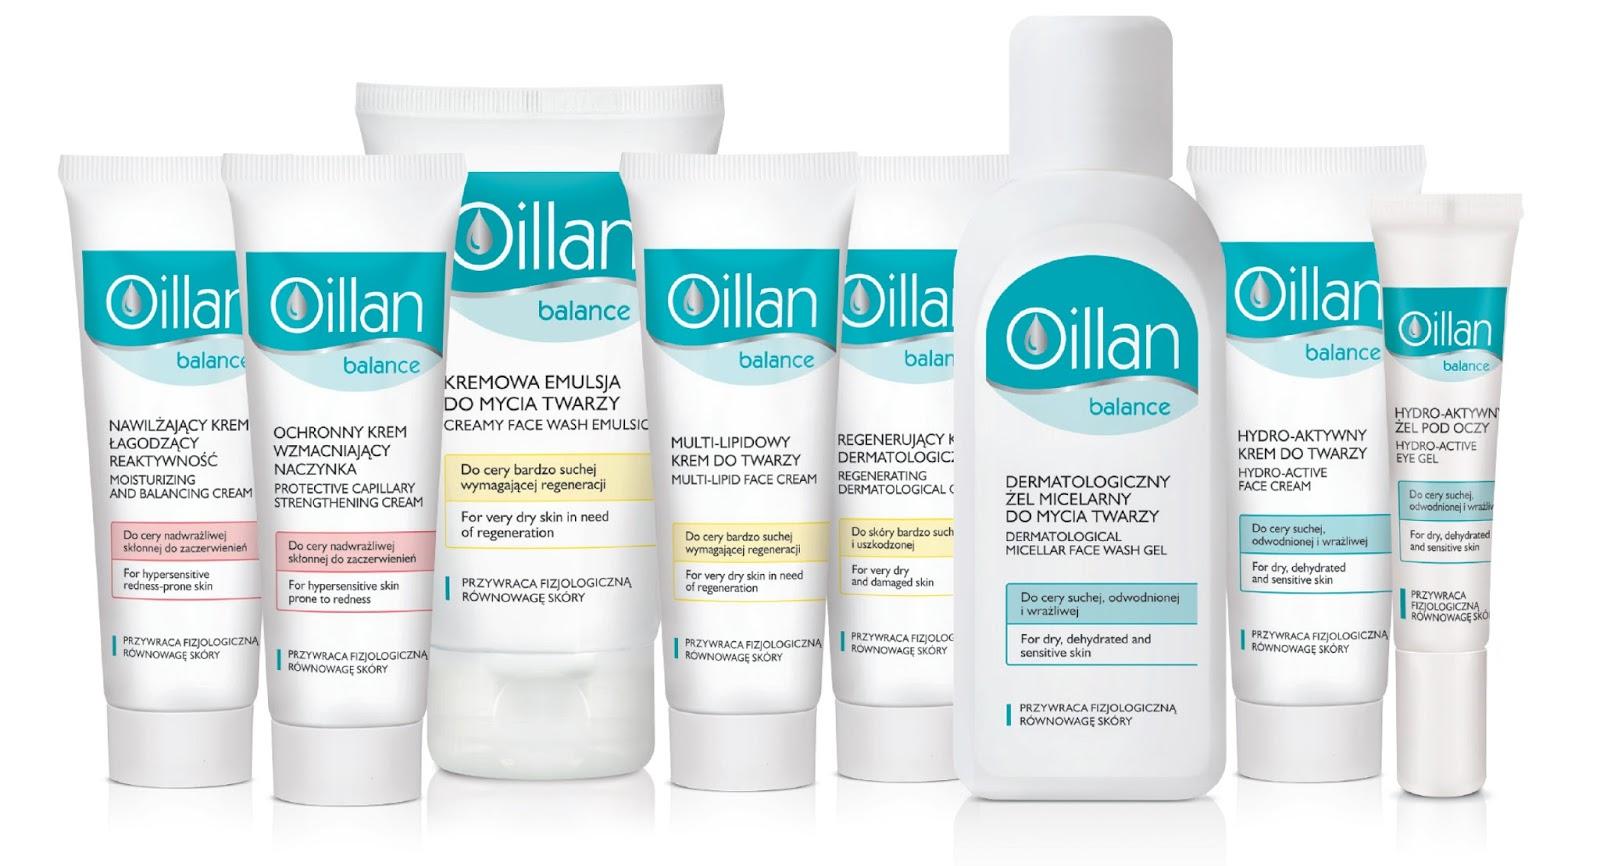 Oillan Balance